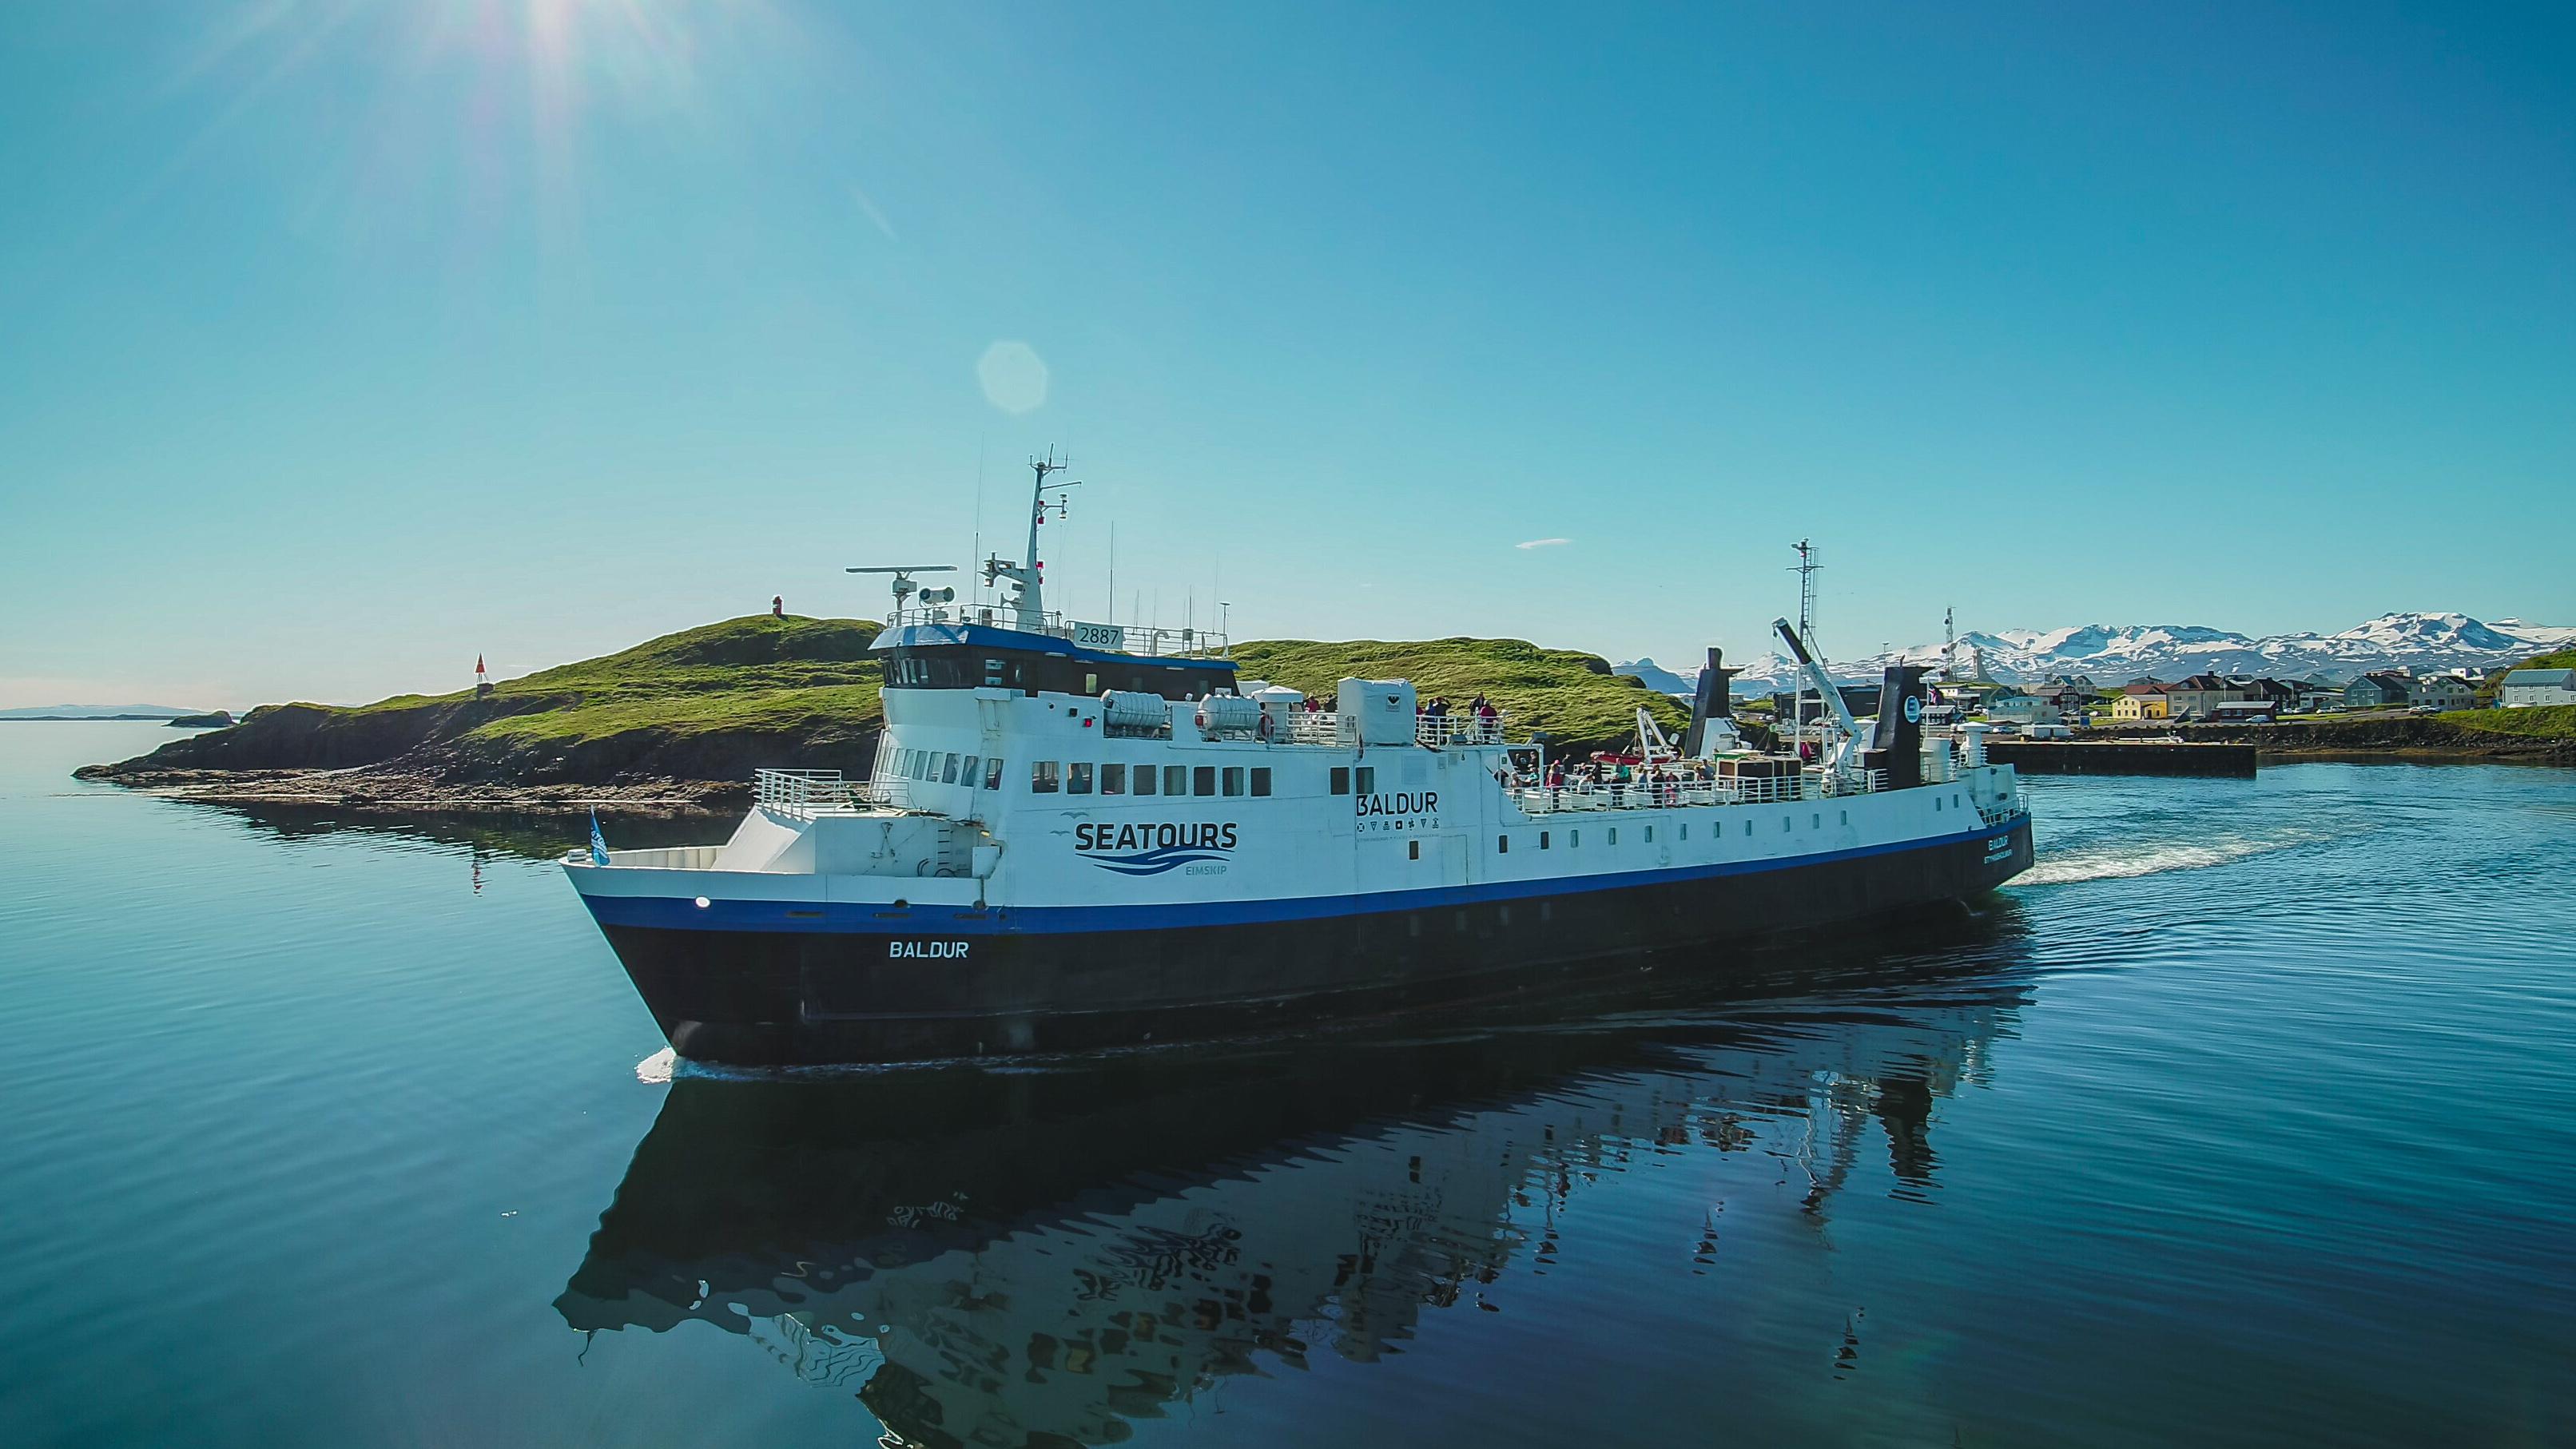 冰岛西部Baldur渡轮从西部斯奈山半岛斯蒂基斯霍尔米小镇出发航行至西峡湾